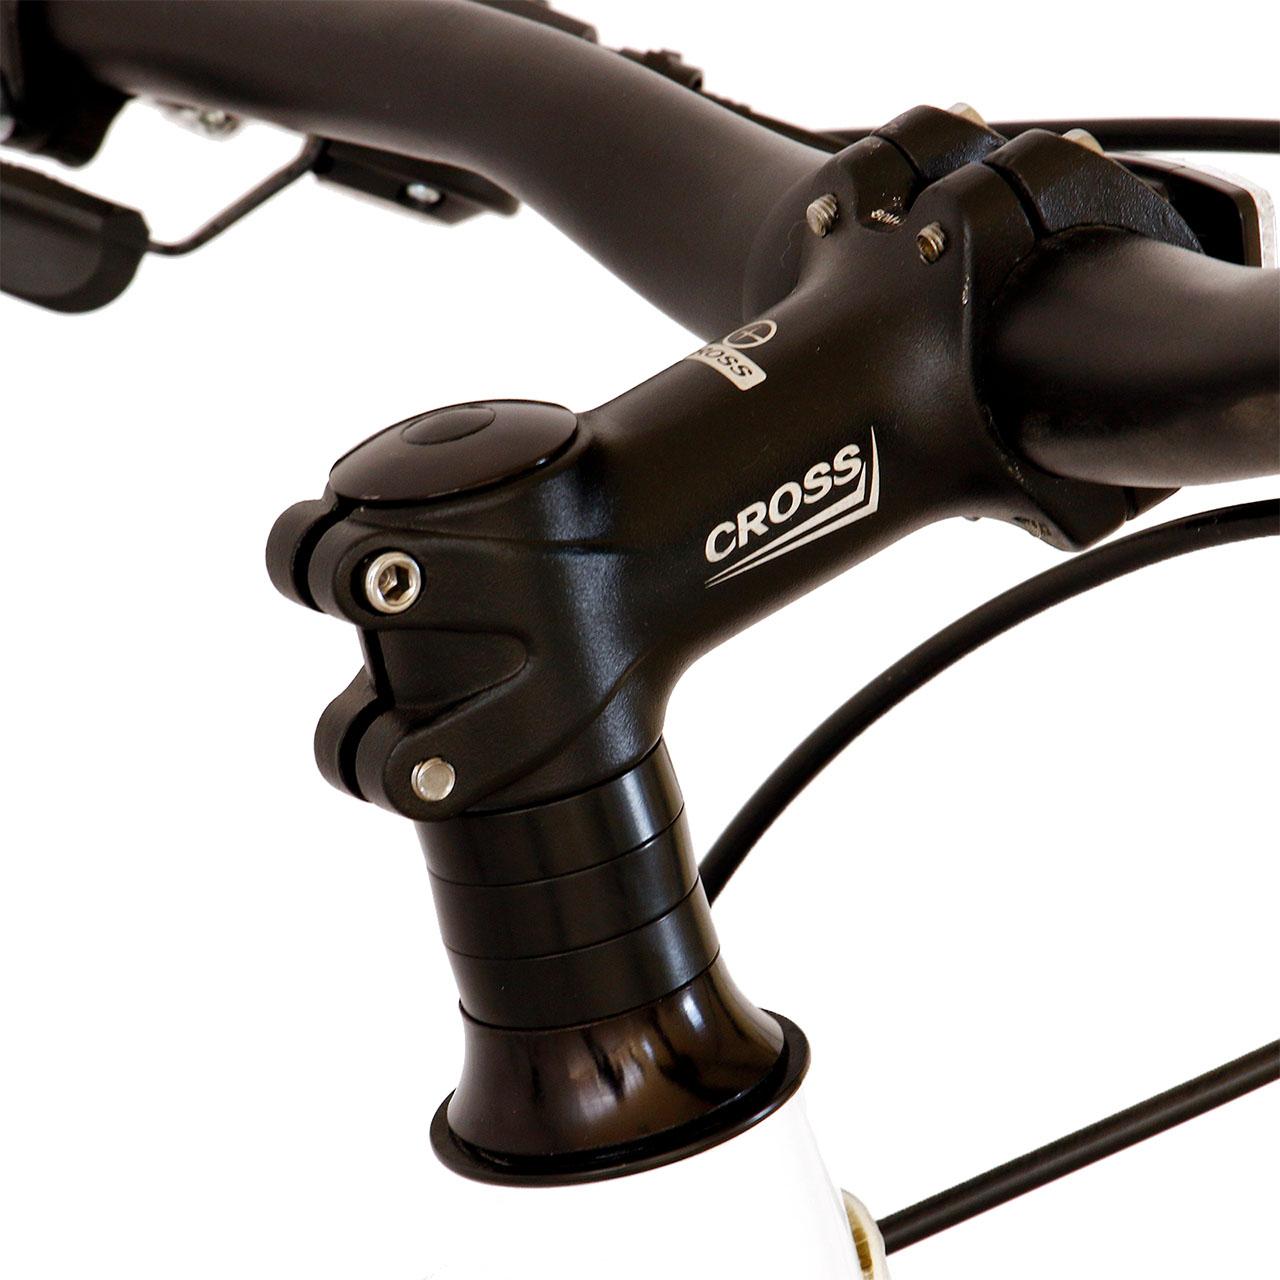 دوچرخه کوهستان کراس مدل PULSE سایز 27.5 main 1 7